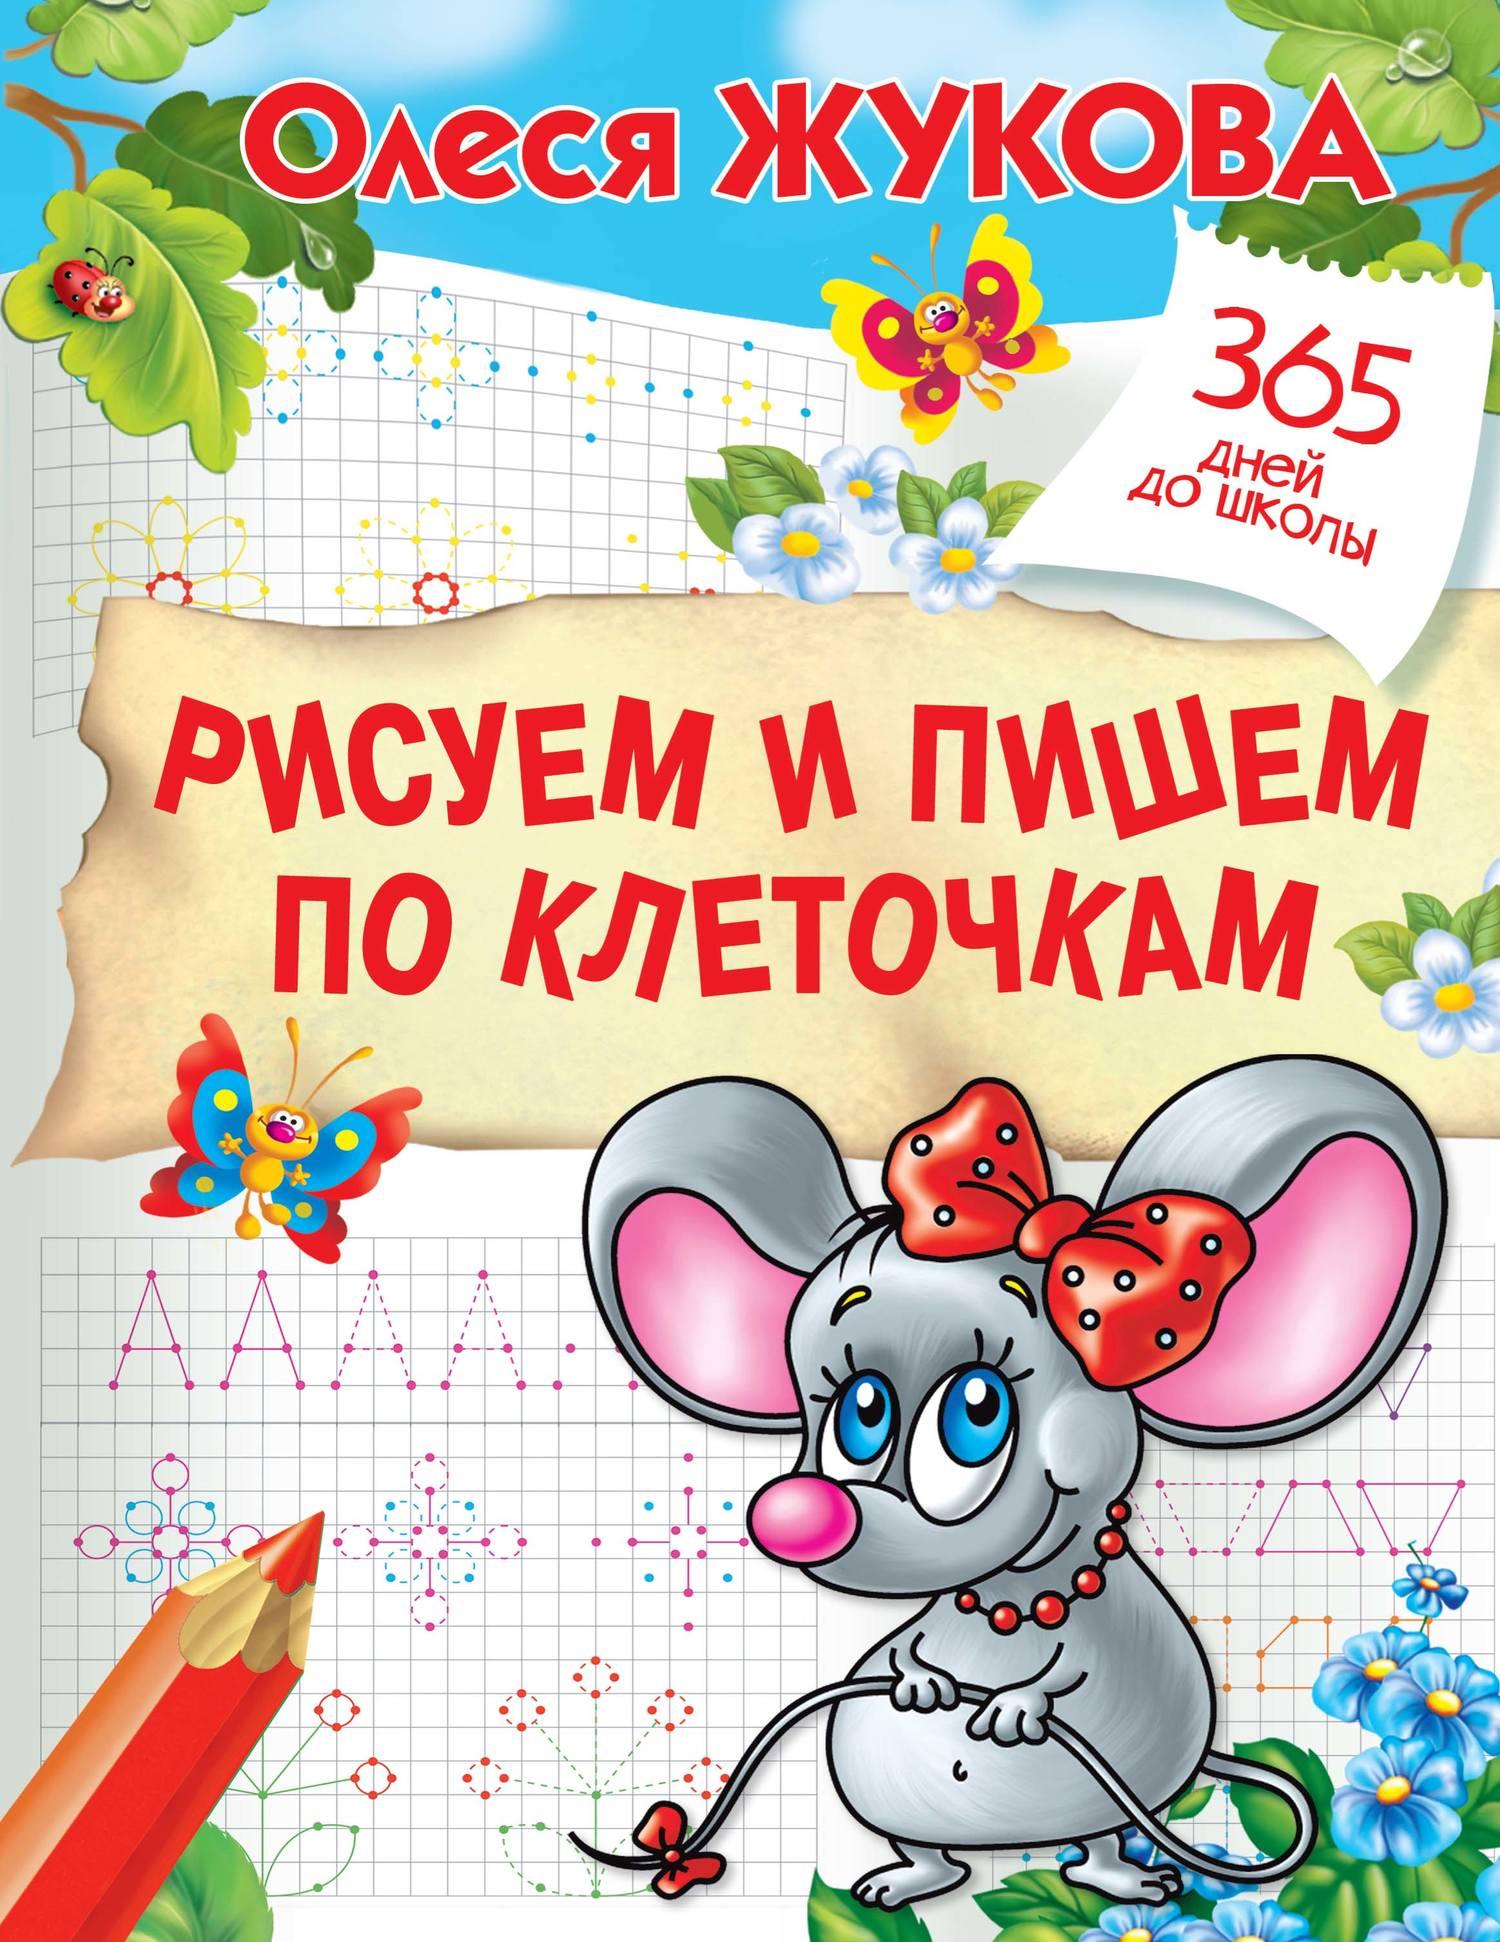 Олеся Жукова, книга Рисуем и пишем по клеточкам – скачать ...